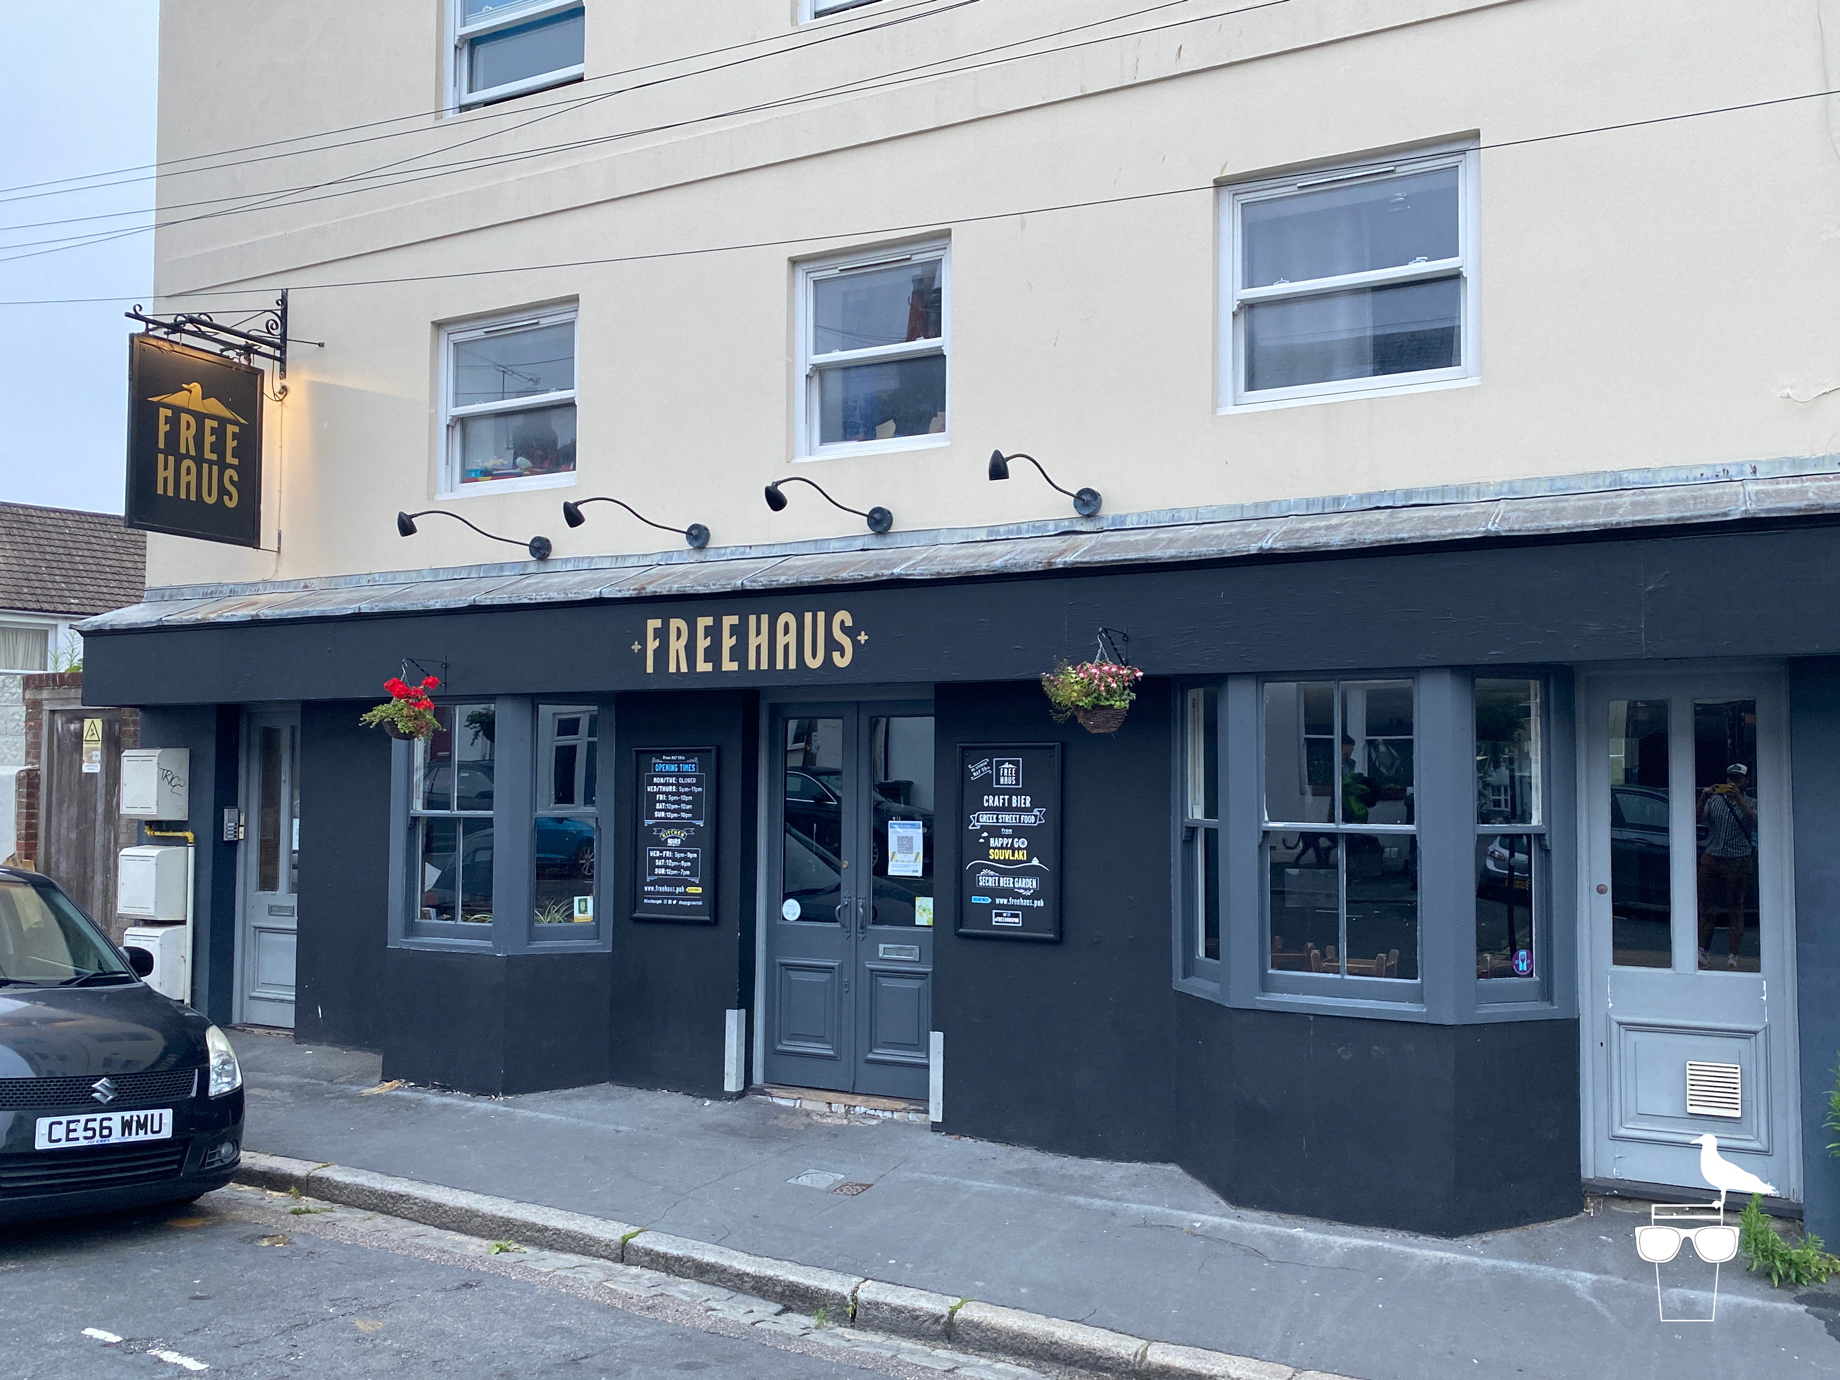 Review: Freehaus Brighton